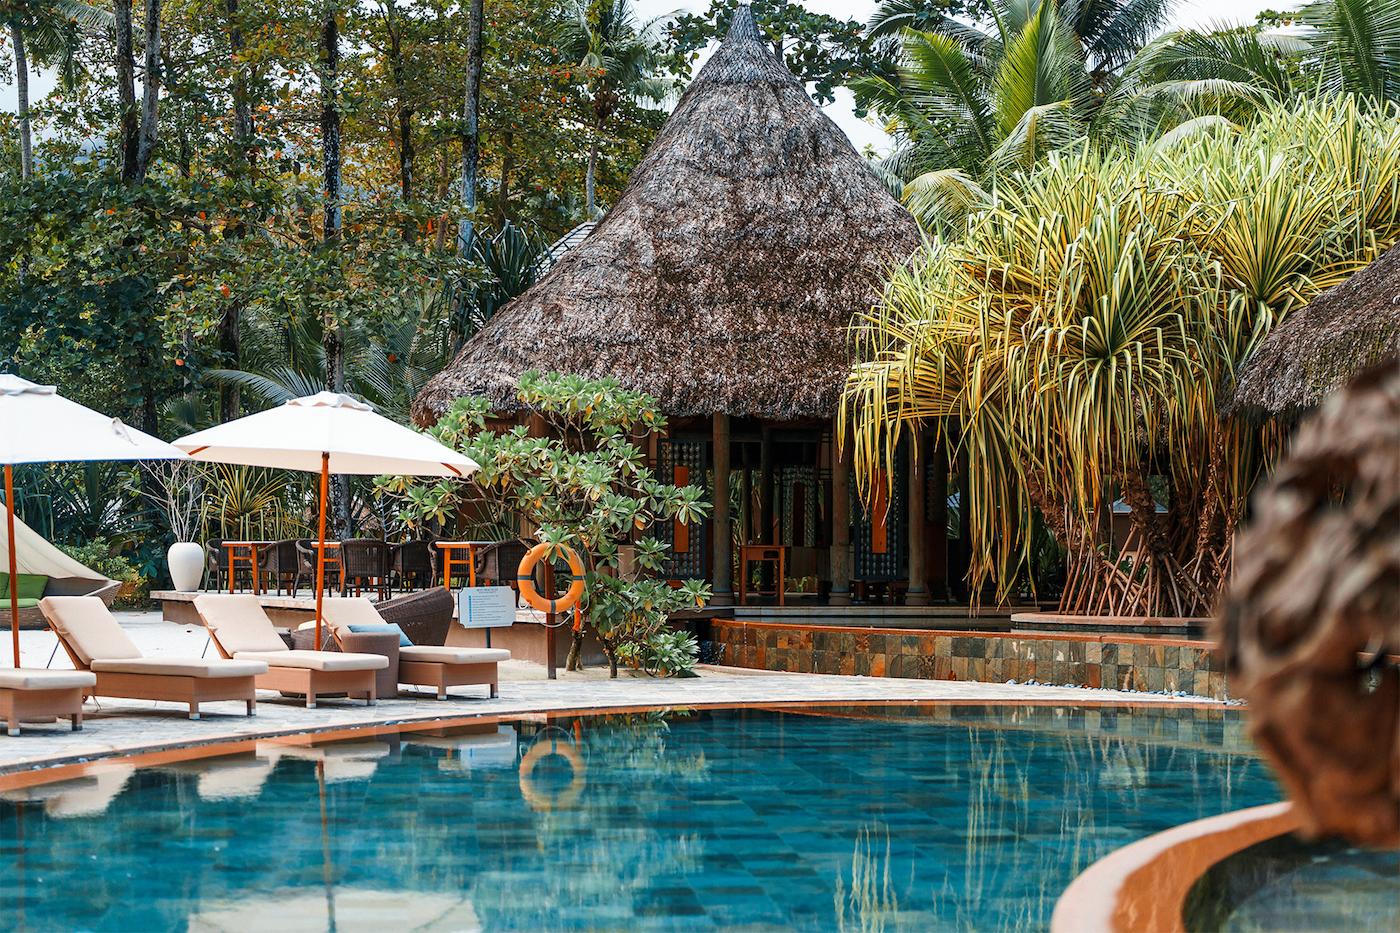 Traumurlaub im Constance Ephelia Hotel auf den Seychellen 3